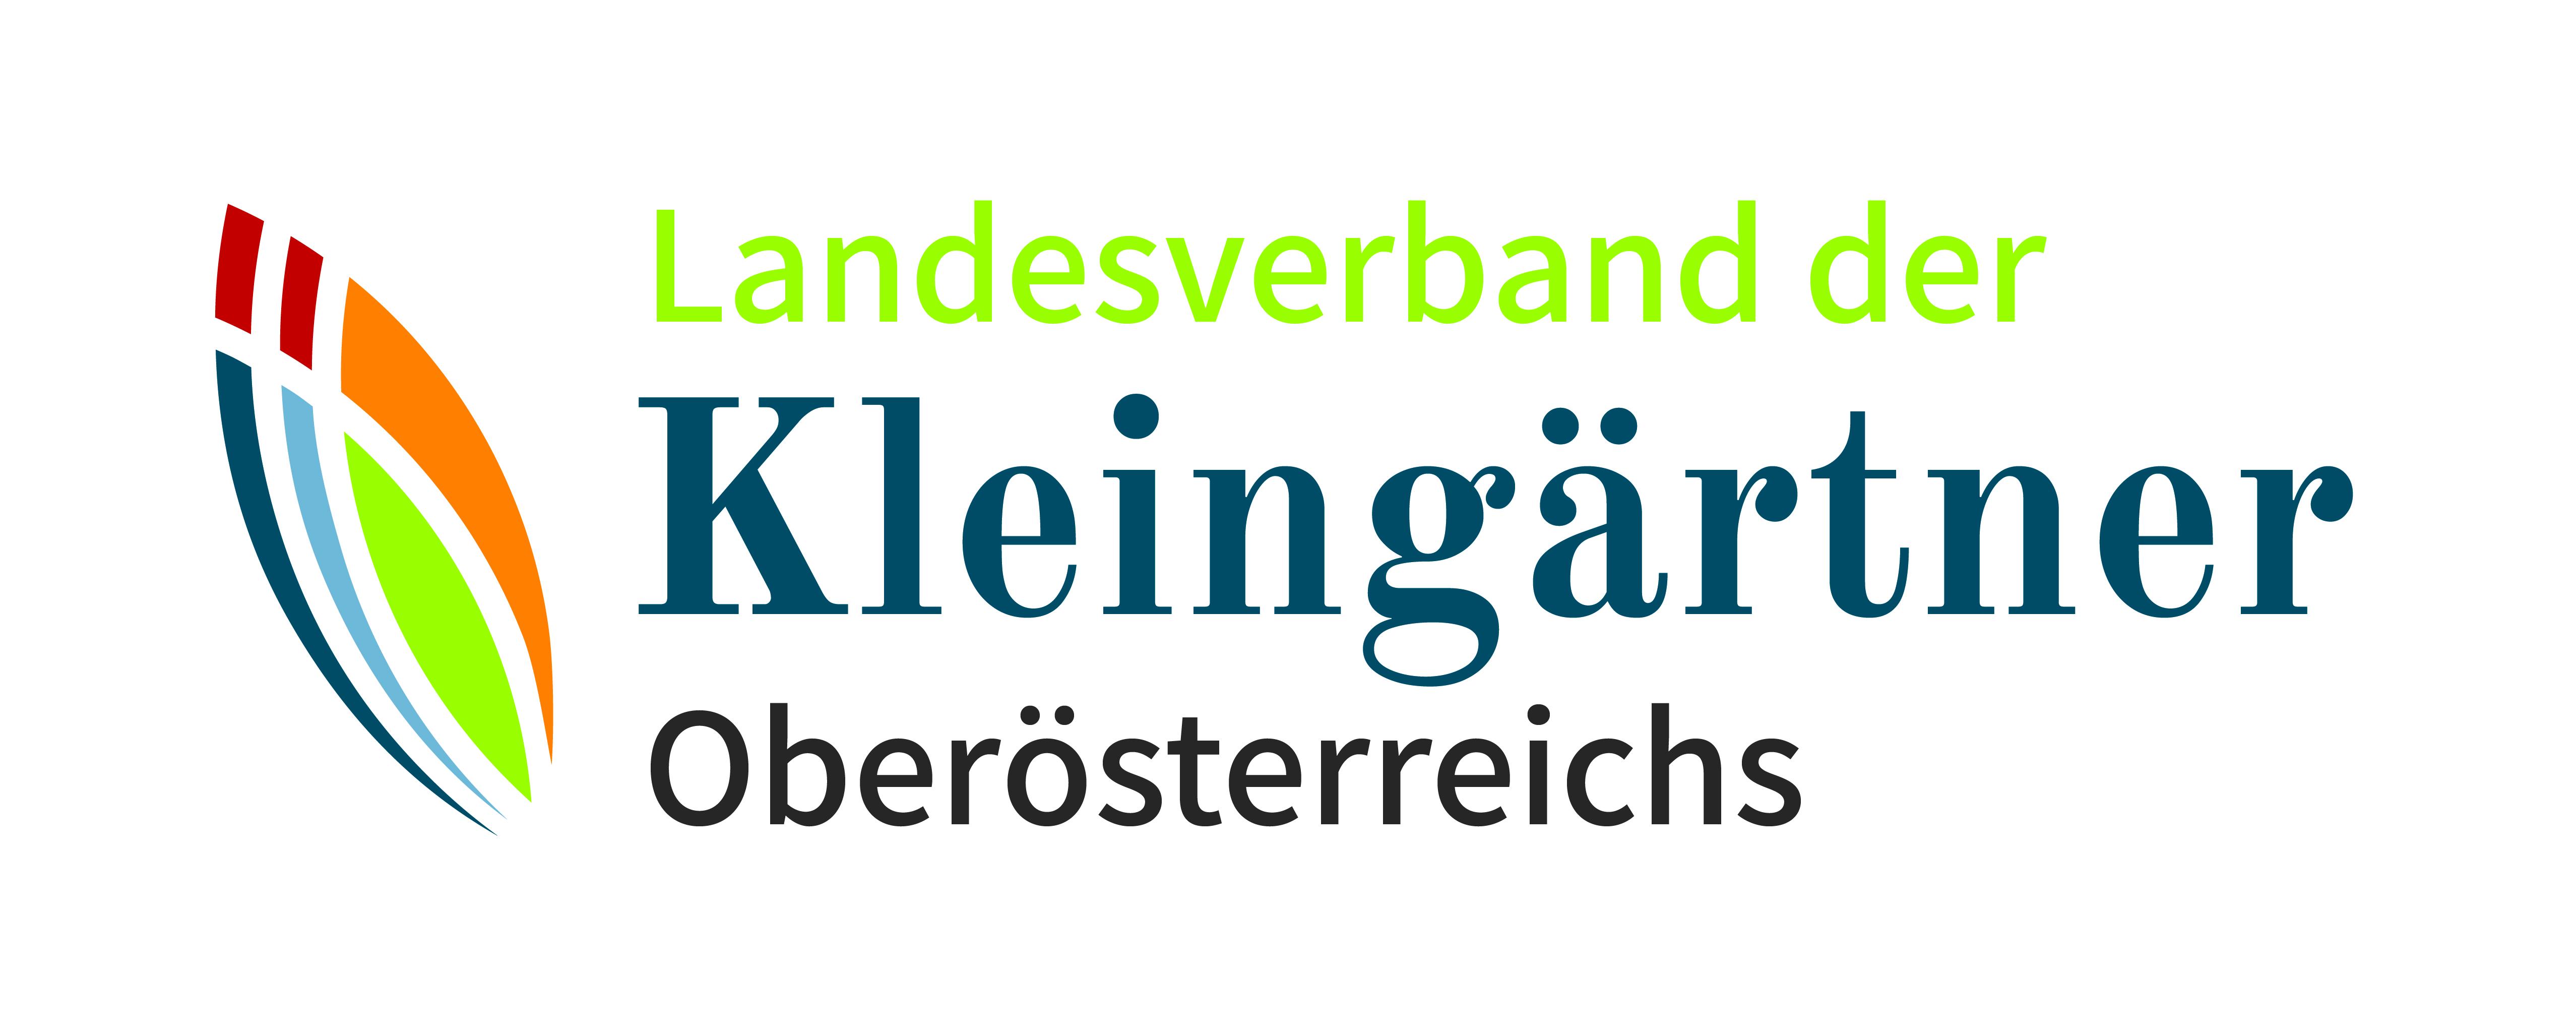 Landesverband der Kleingärtner Oberösterreich